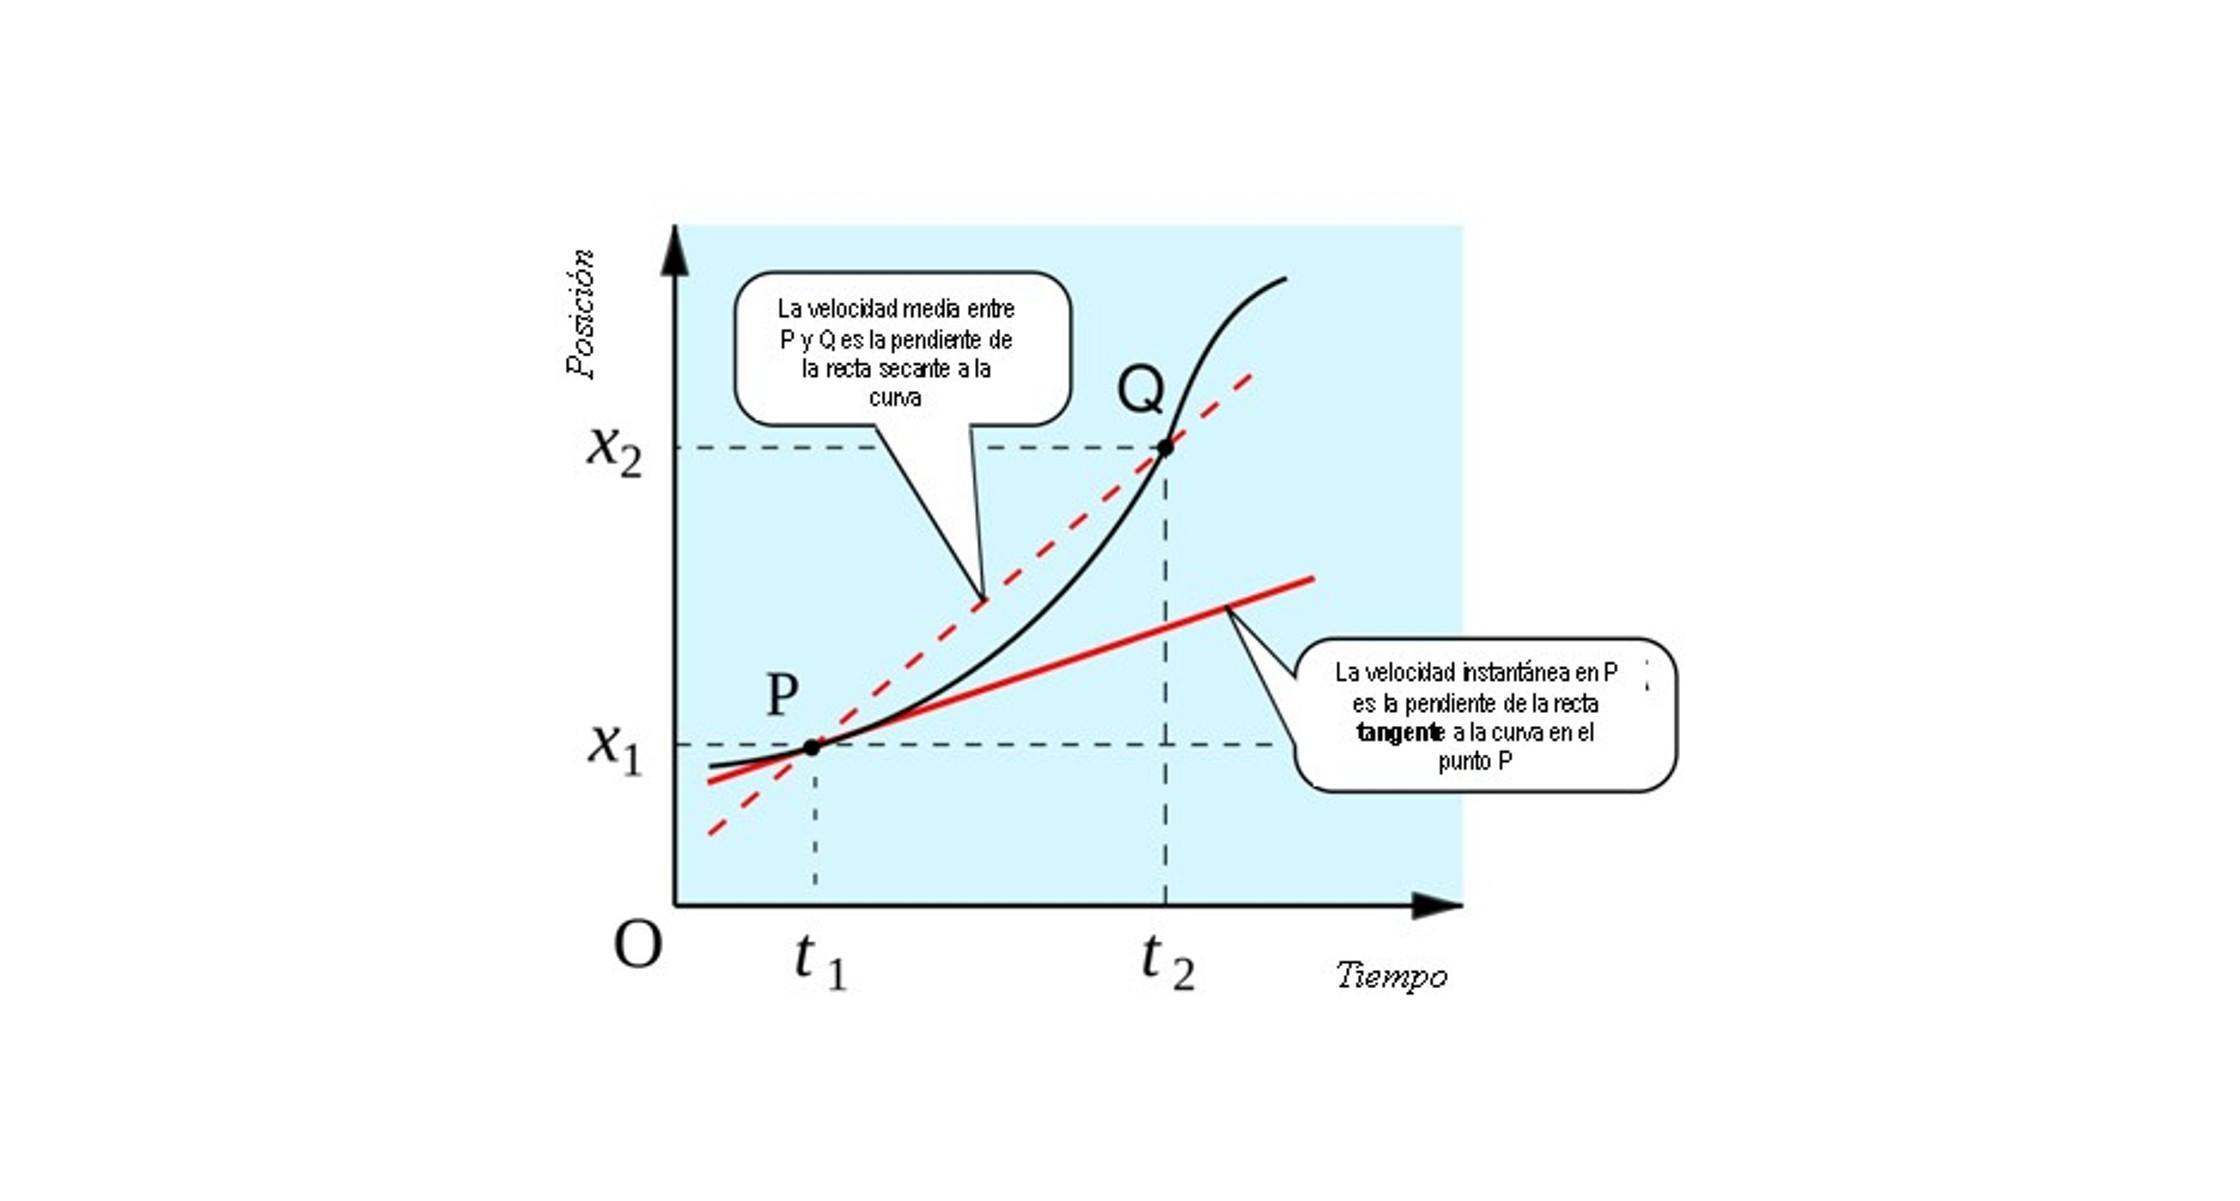 Velocidade instantânea: definição, fórmula, cálculo e exercícios 4